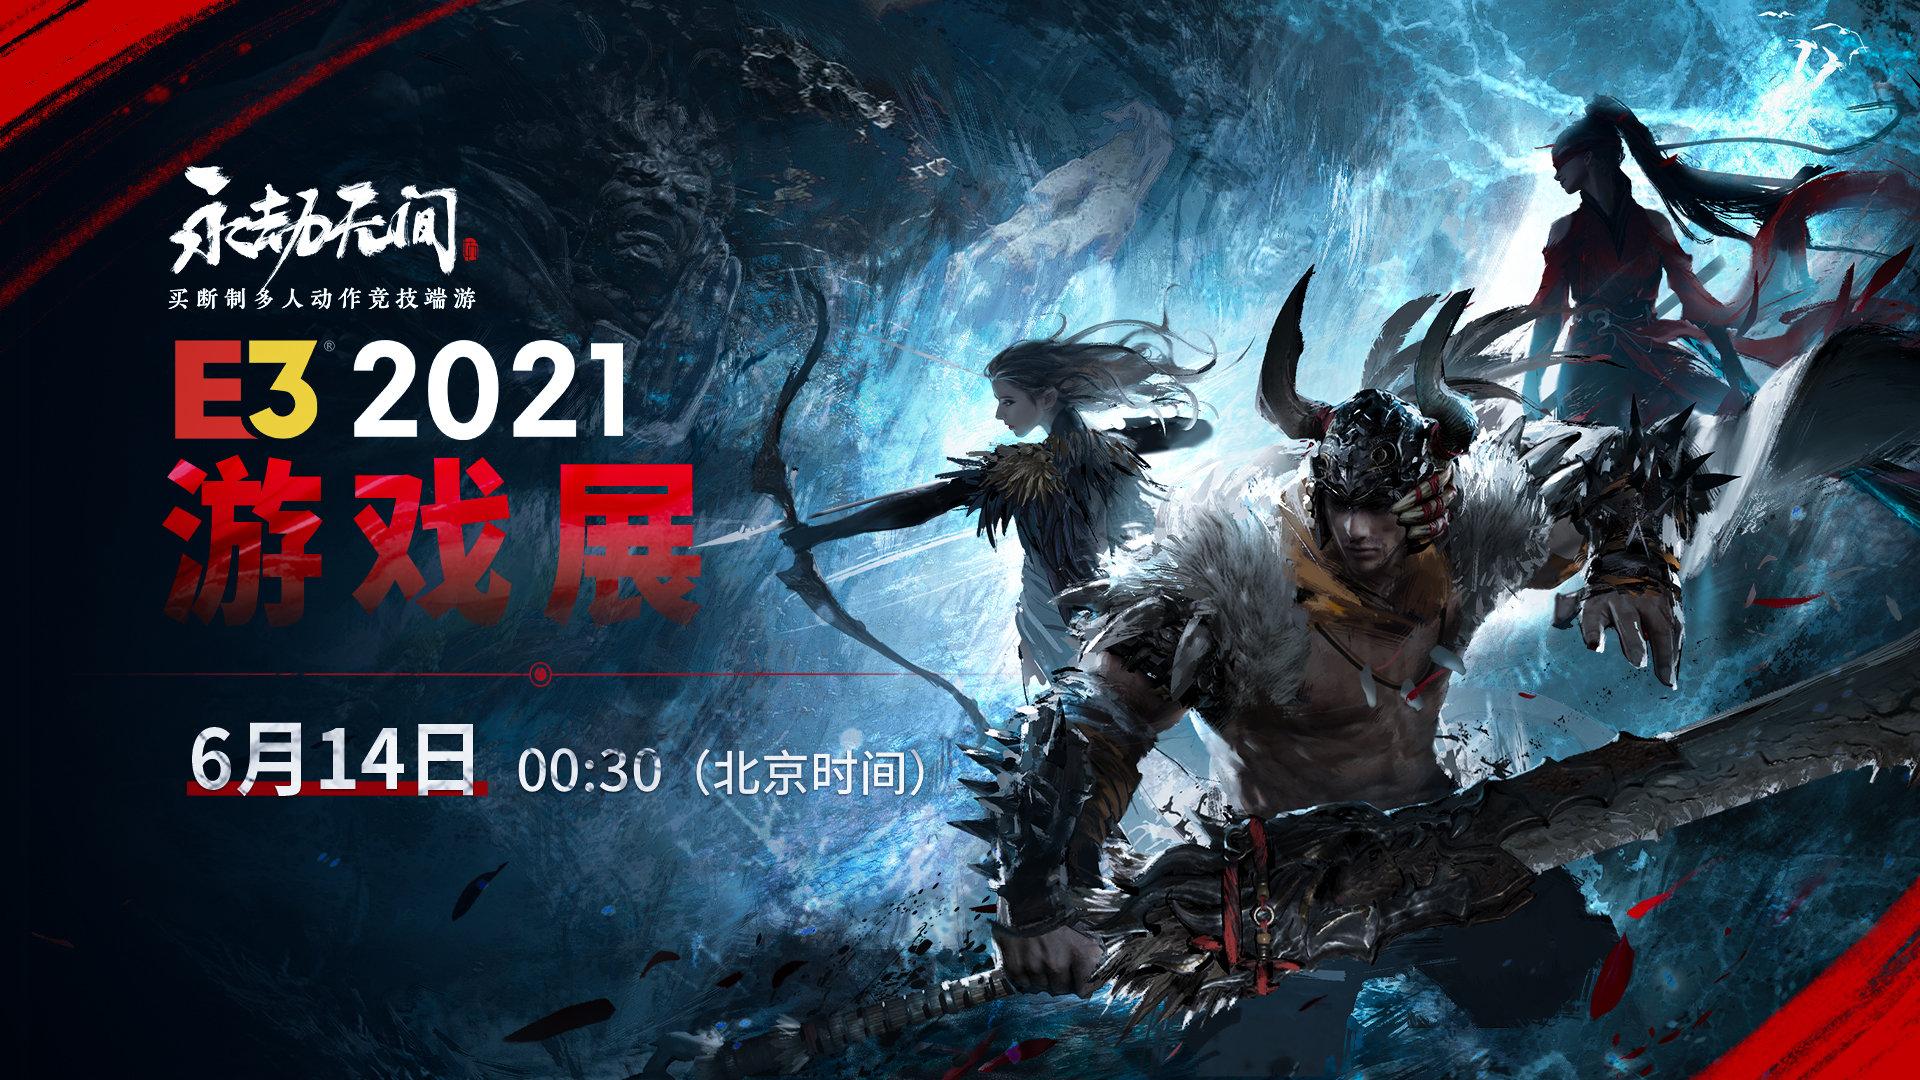 《永劫无间》将于6月14日亮相E3 2021 届时公布发售时间